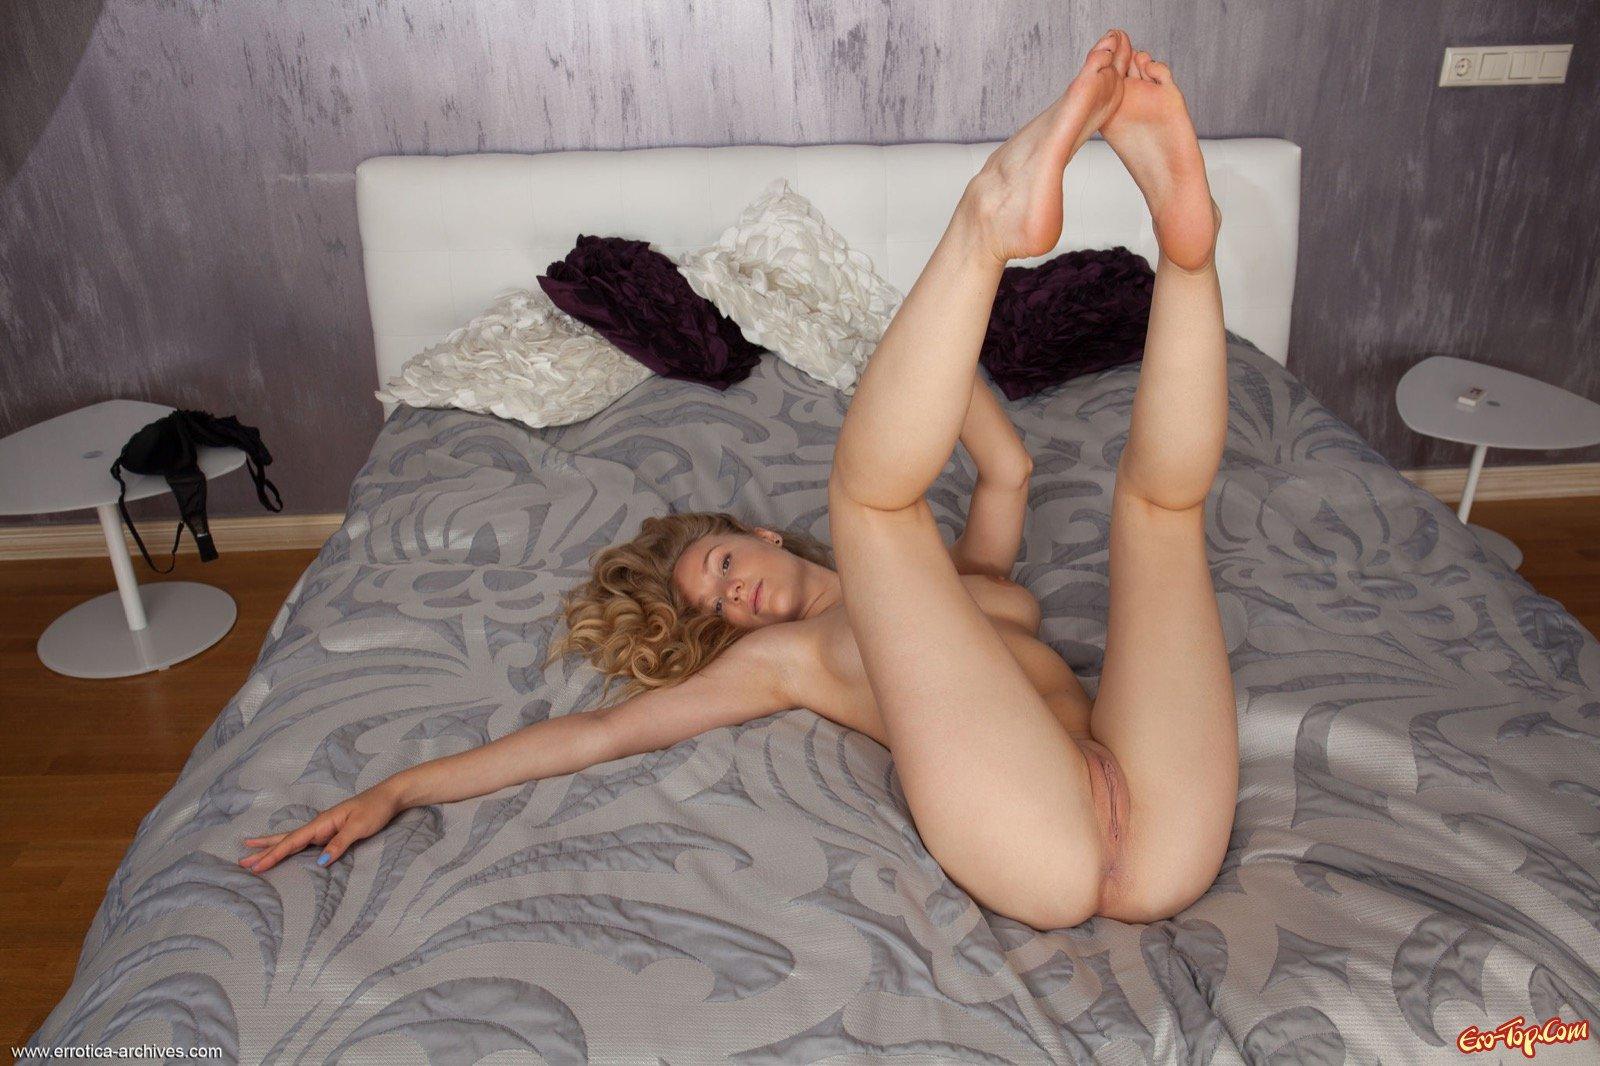 Белокурая милашка с красивым телом позирует в постели